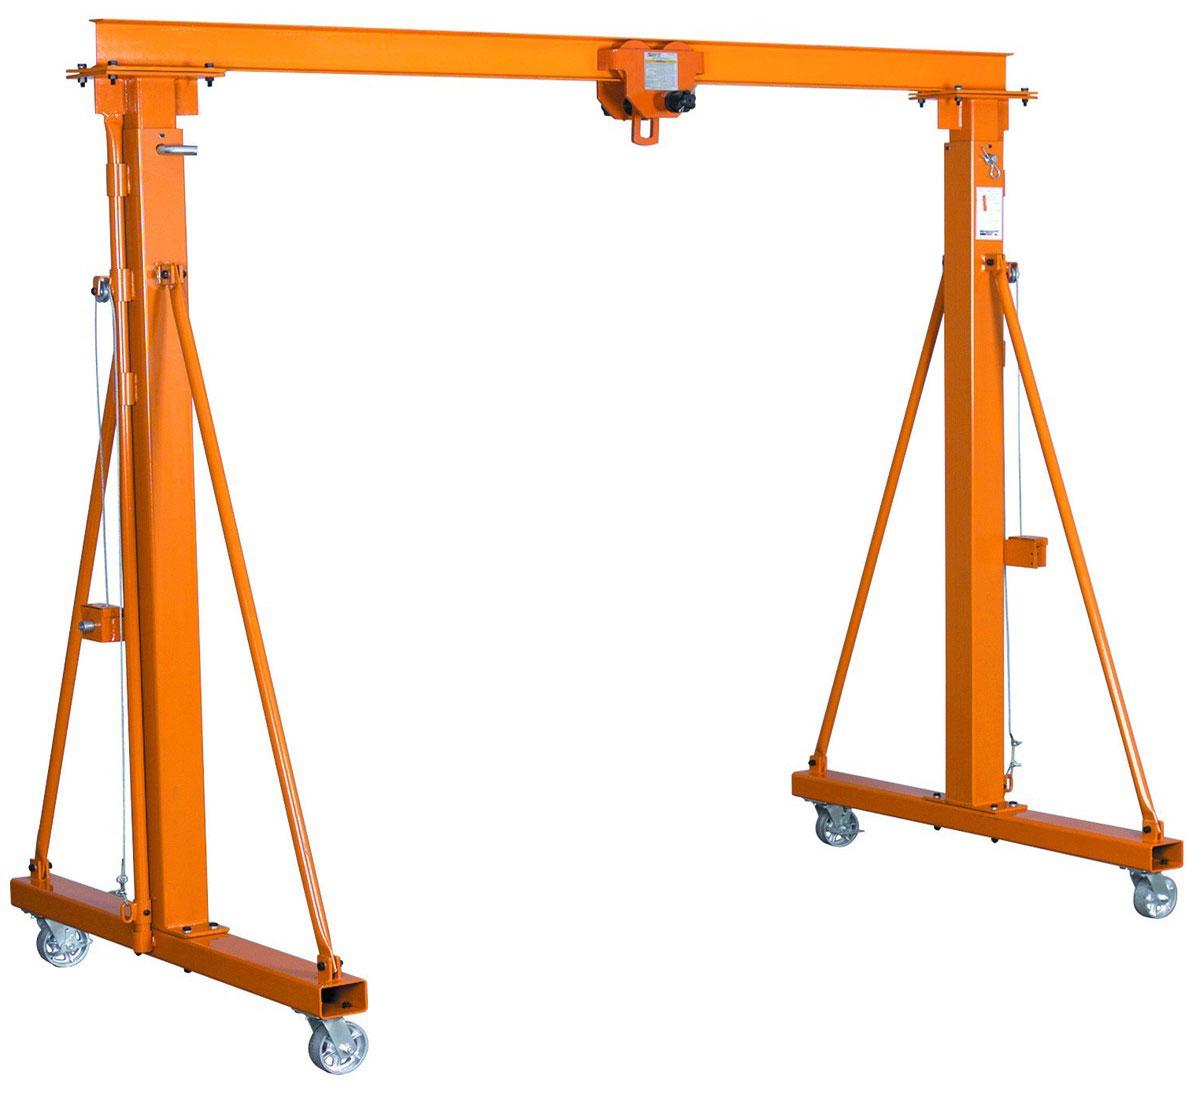 легкий колёсный разборный козловой кран для работы с ручной или электрической талью